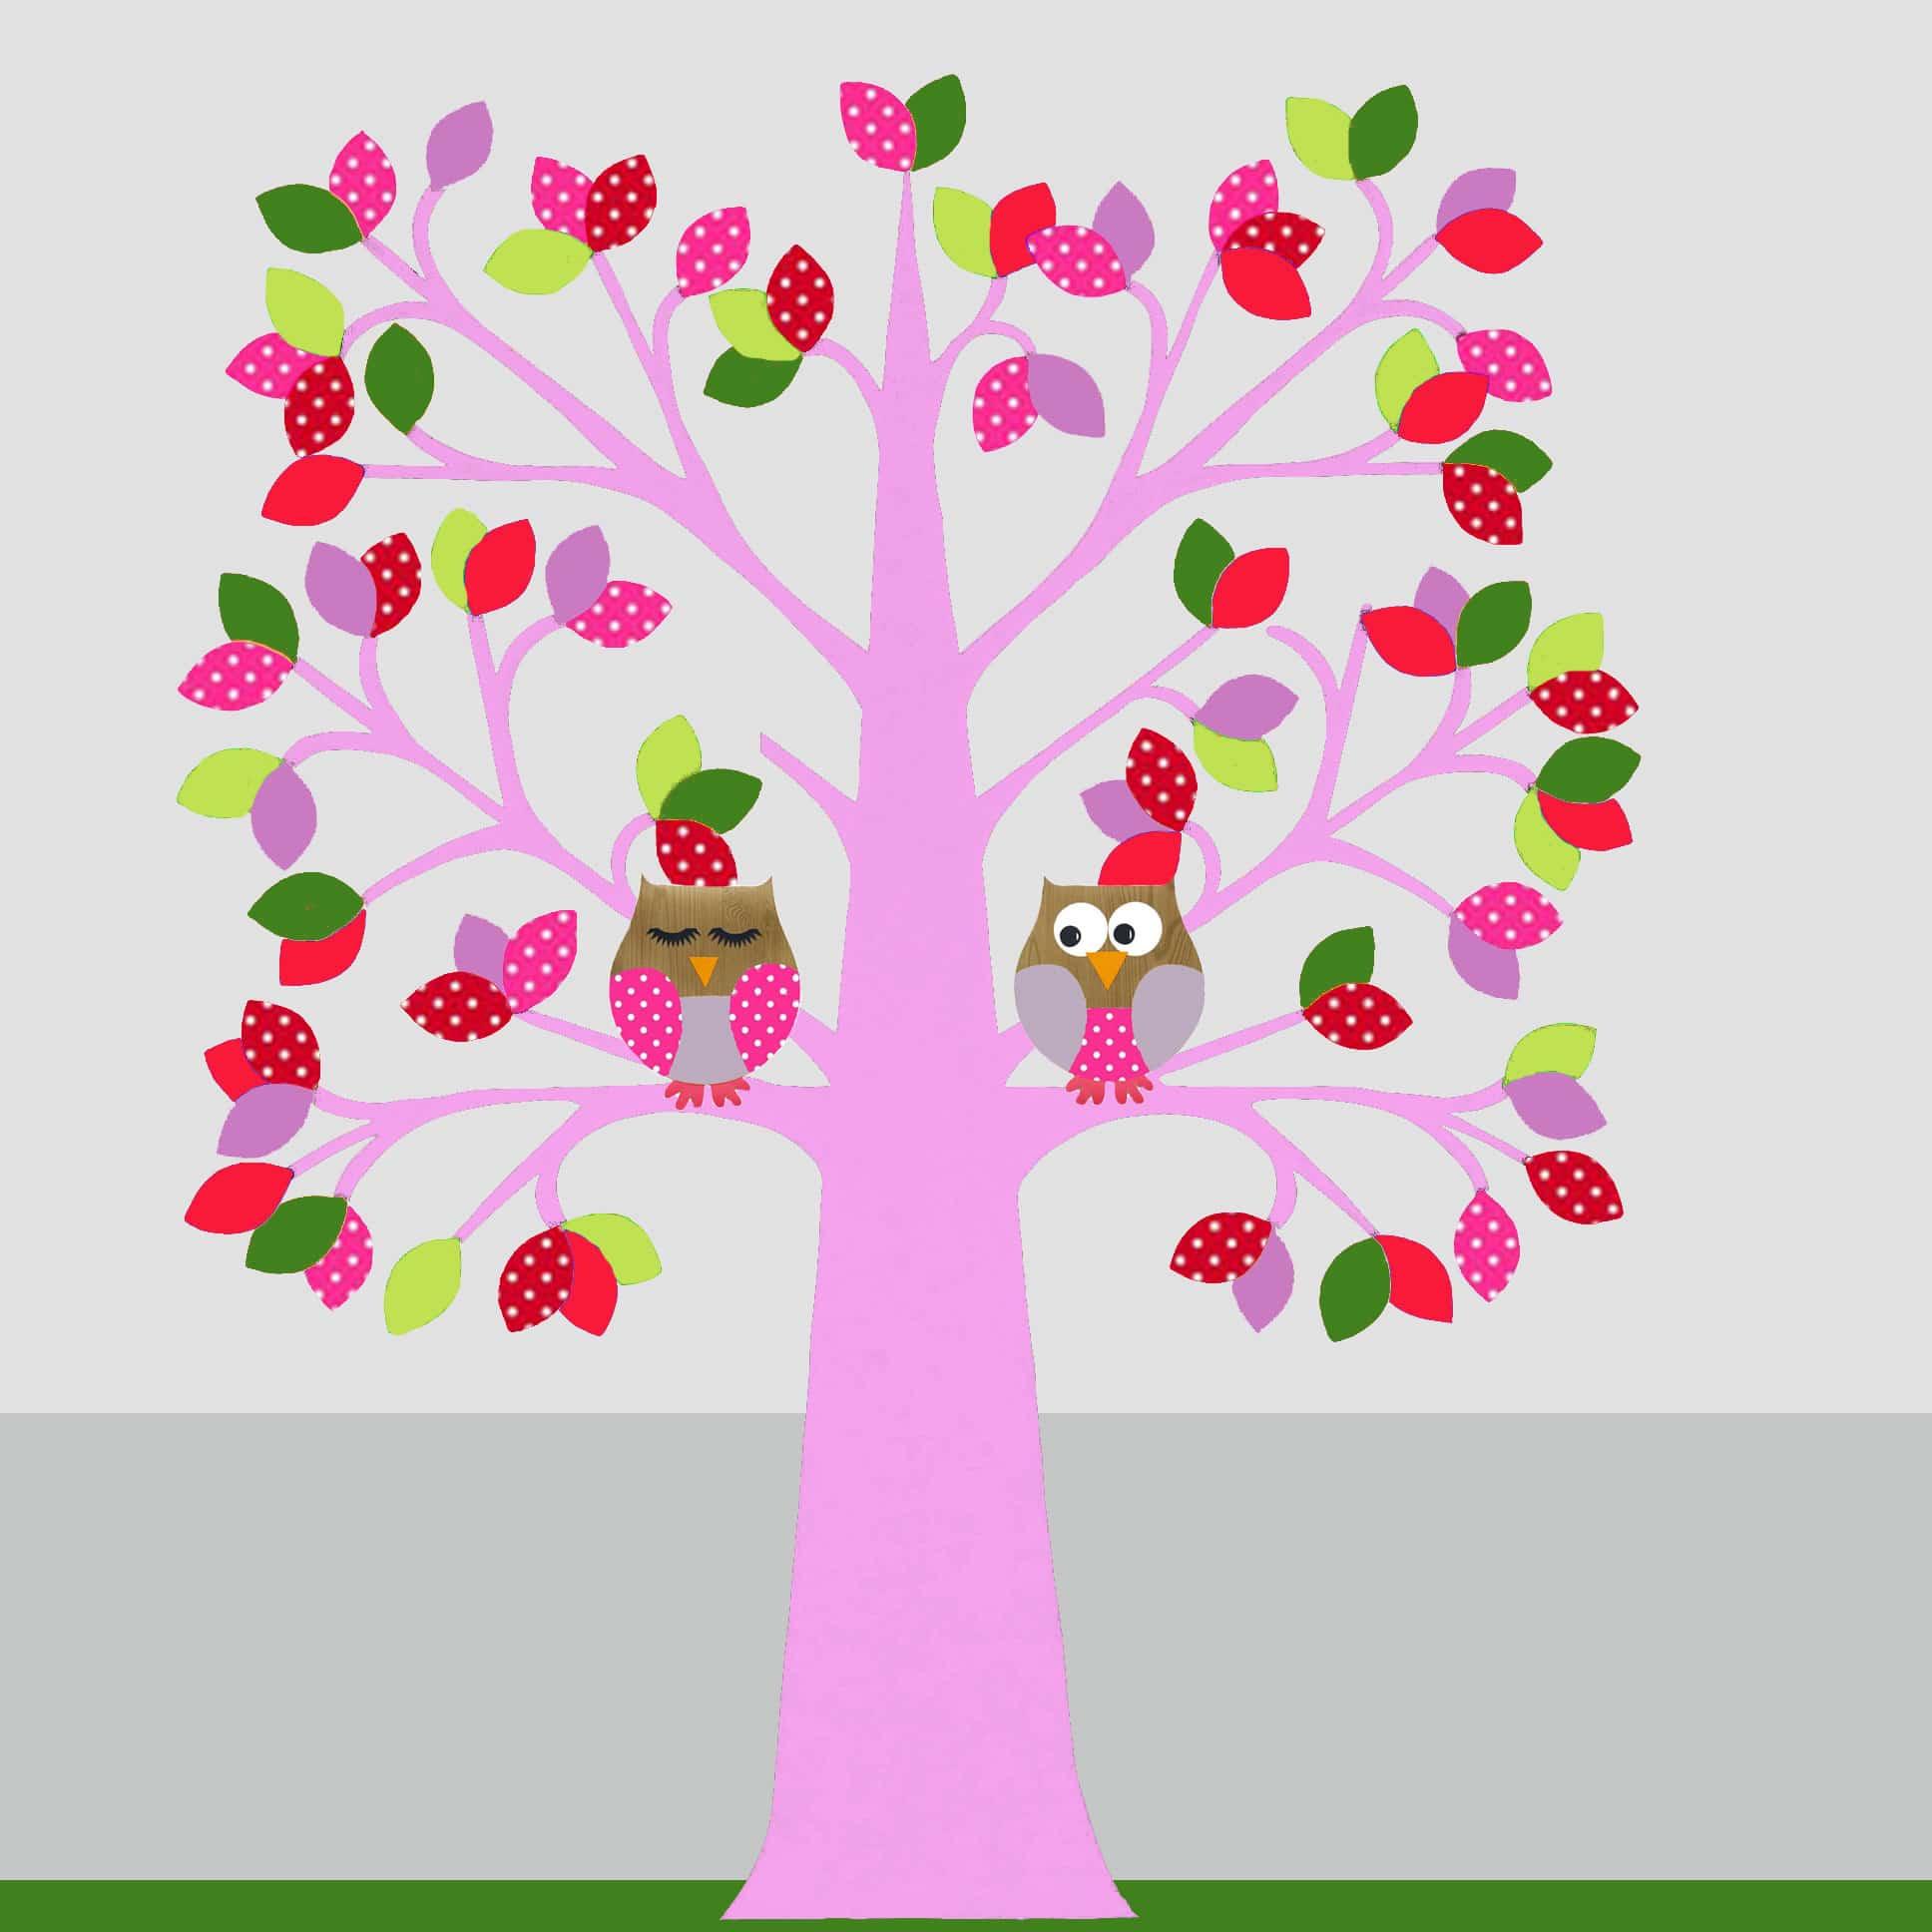 mijnkinderkamer - behangboom uil